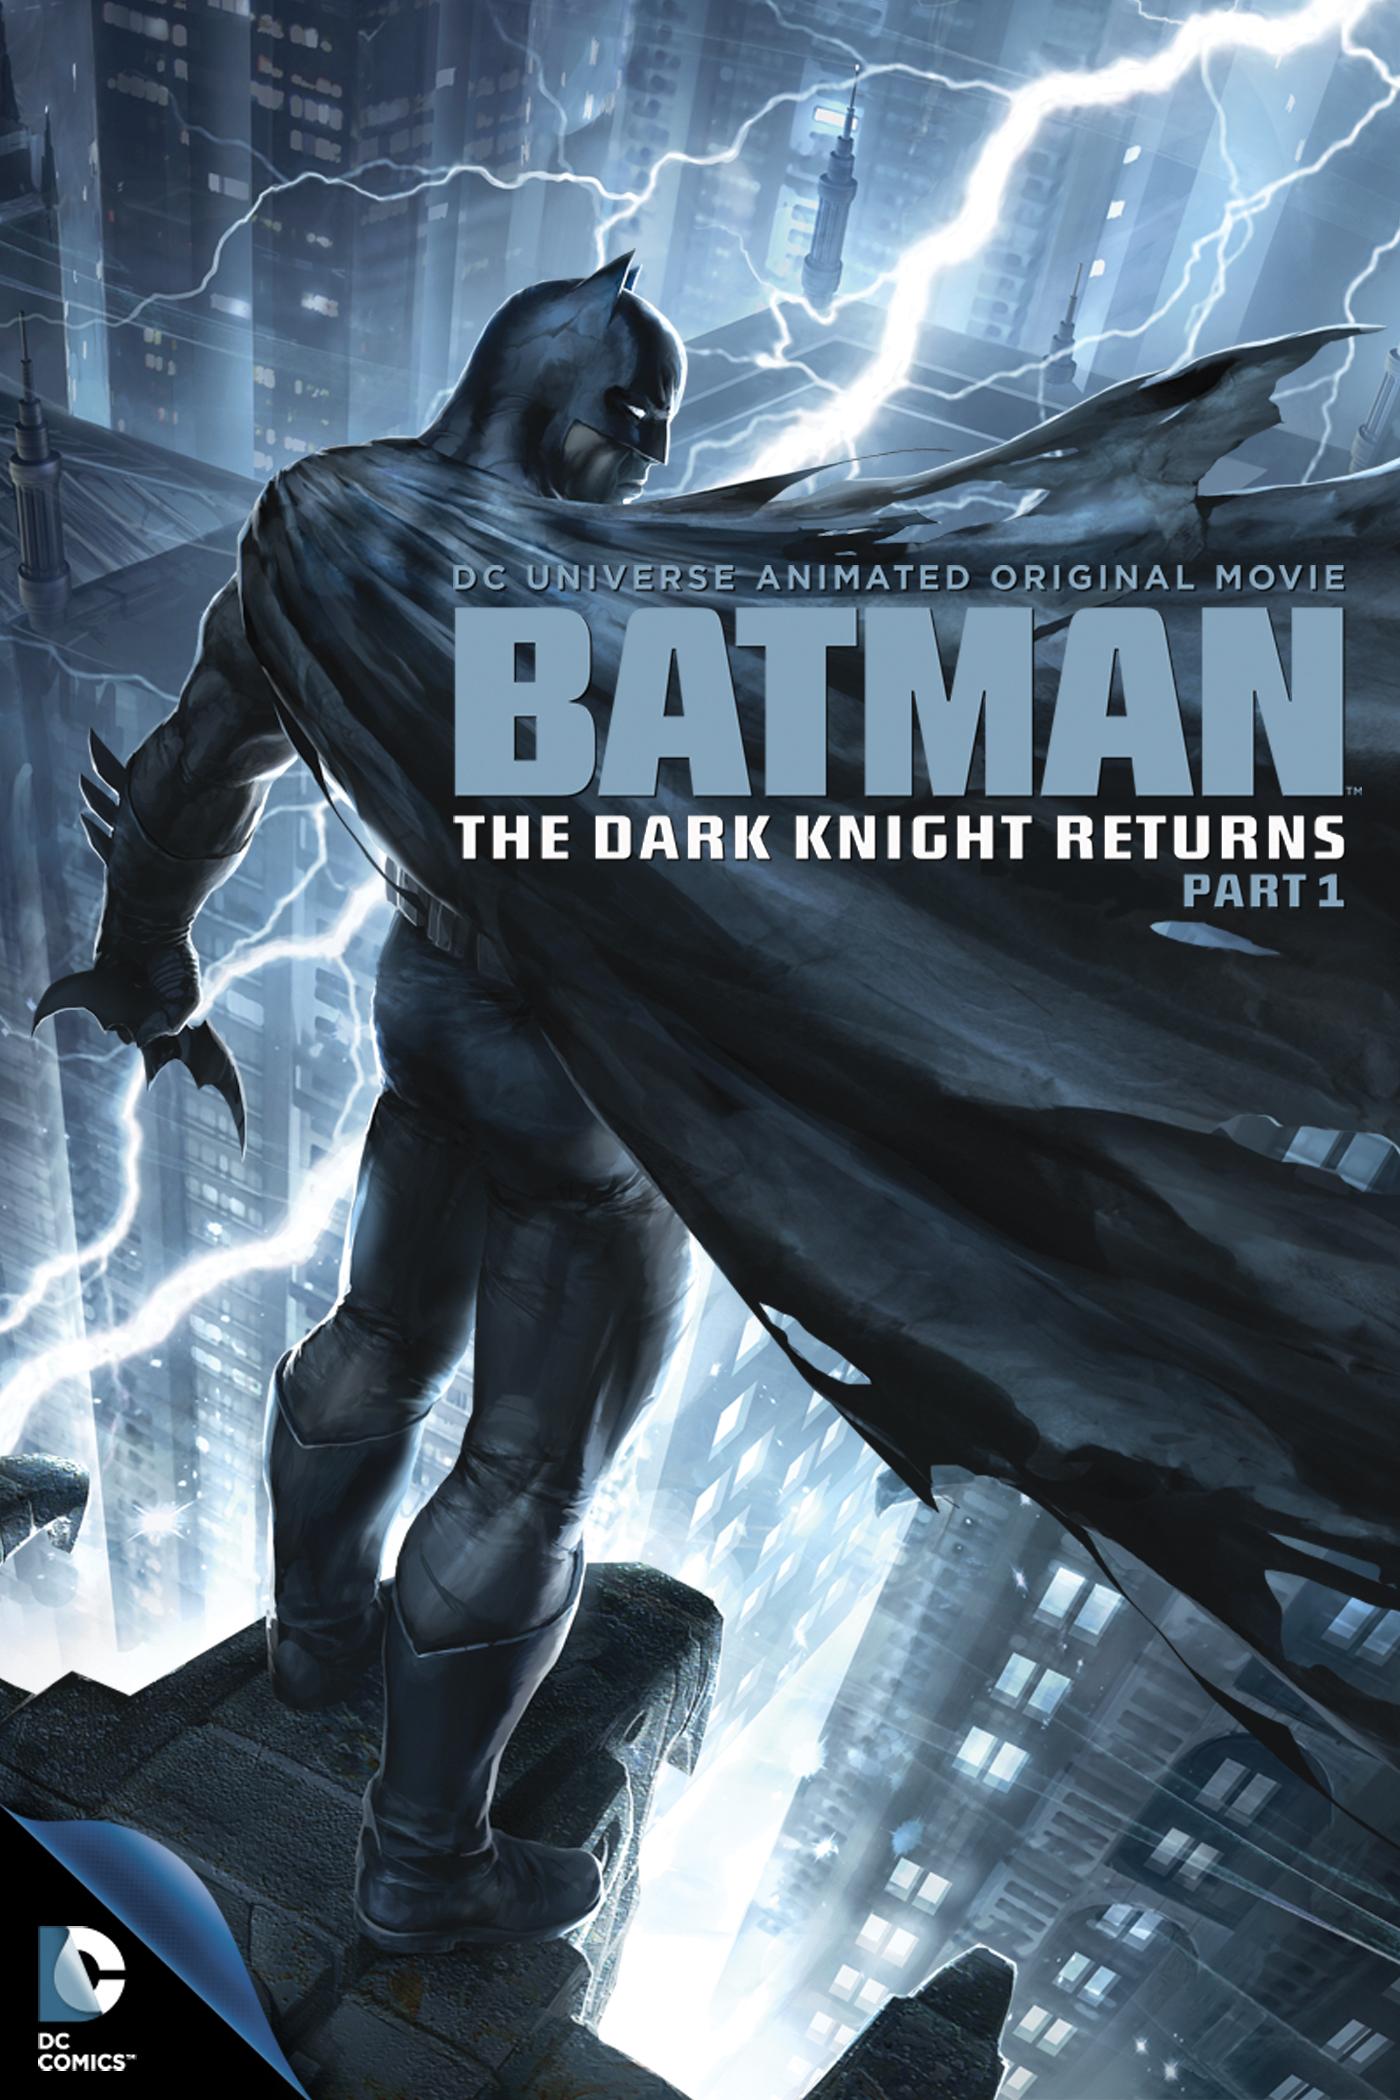 плакат фильма постер Темный рыцарь: Возрождение легенды. Часть 1